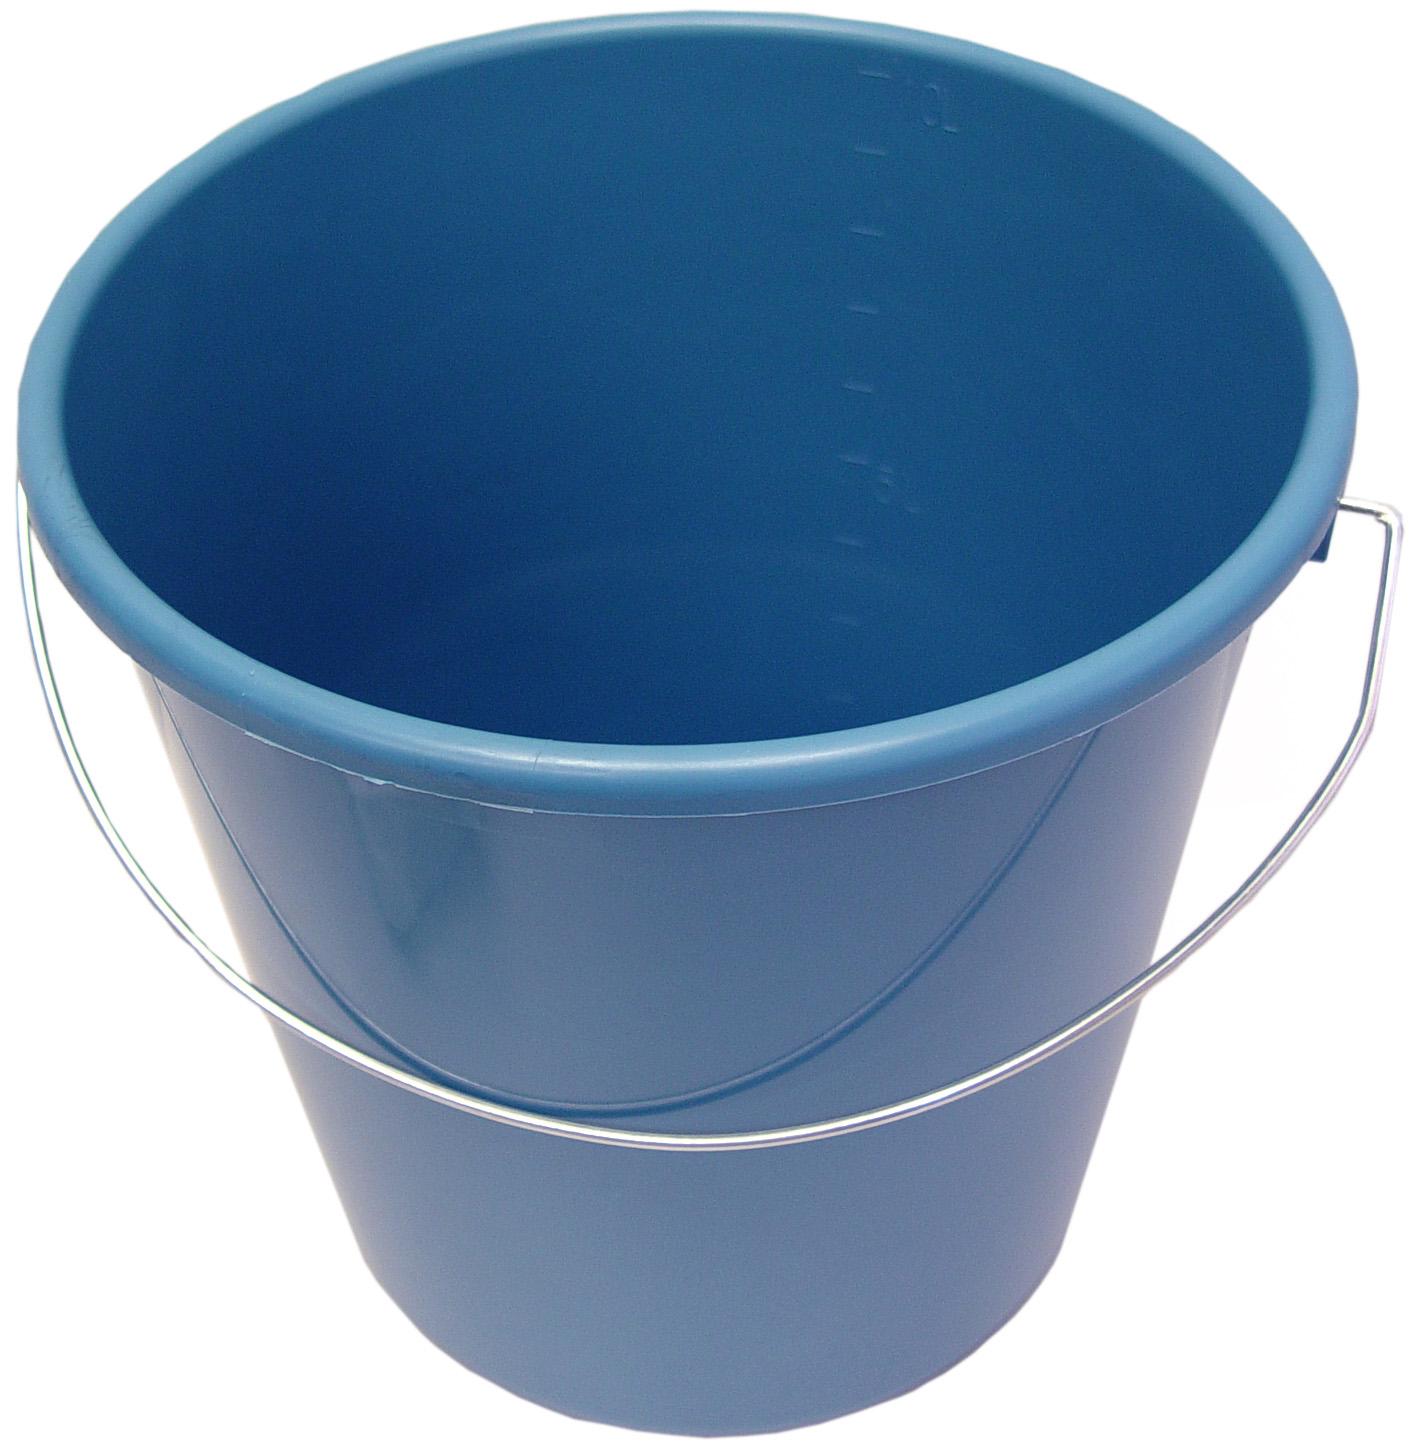 02348 - Haushaltseimer  5 Liter, bunt sortiert